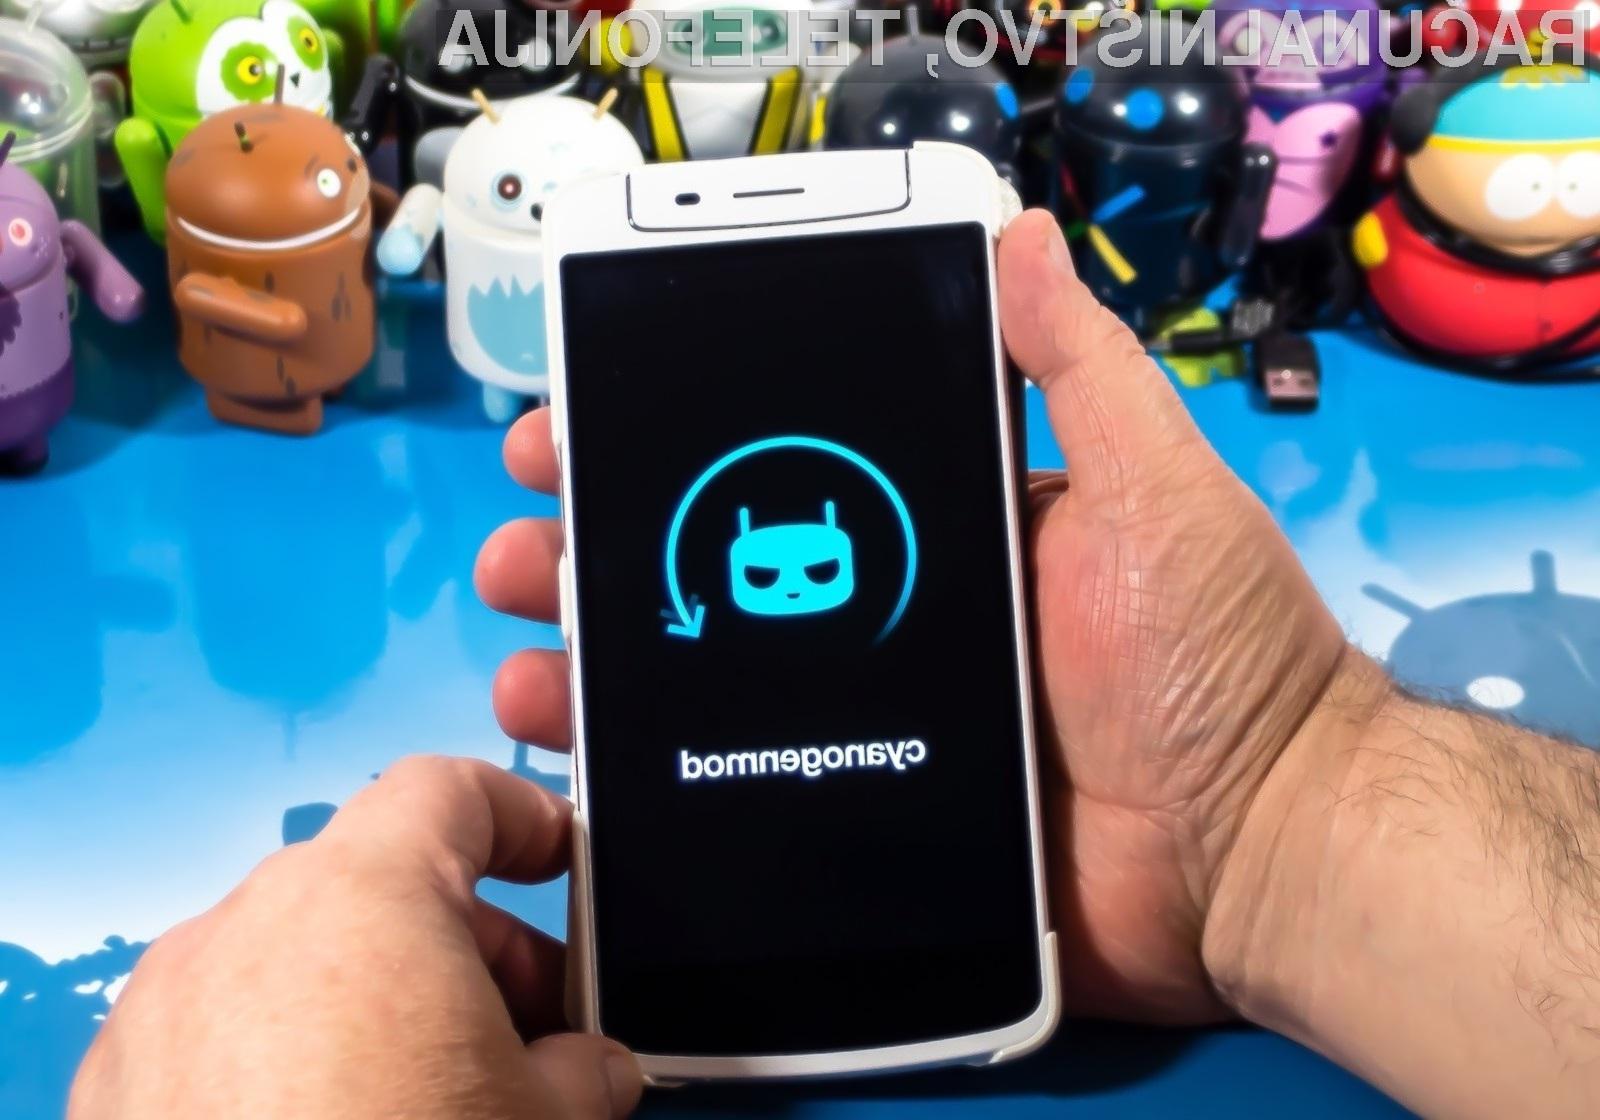 CyanogenMod v letu 2017 ne bo več podprt s strani organizacije Cyanogen!